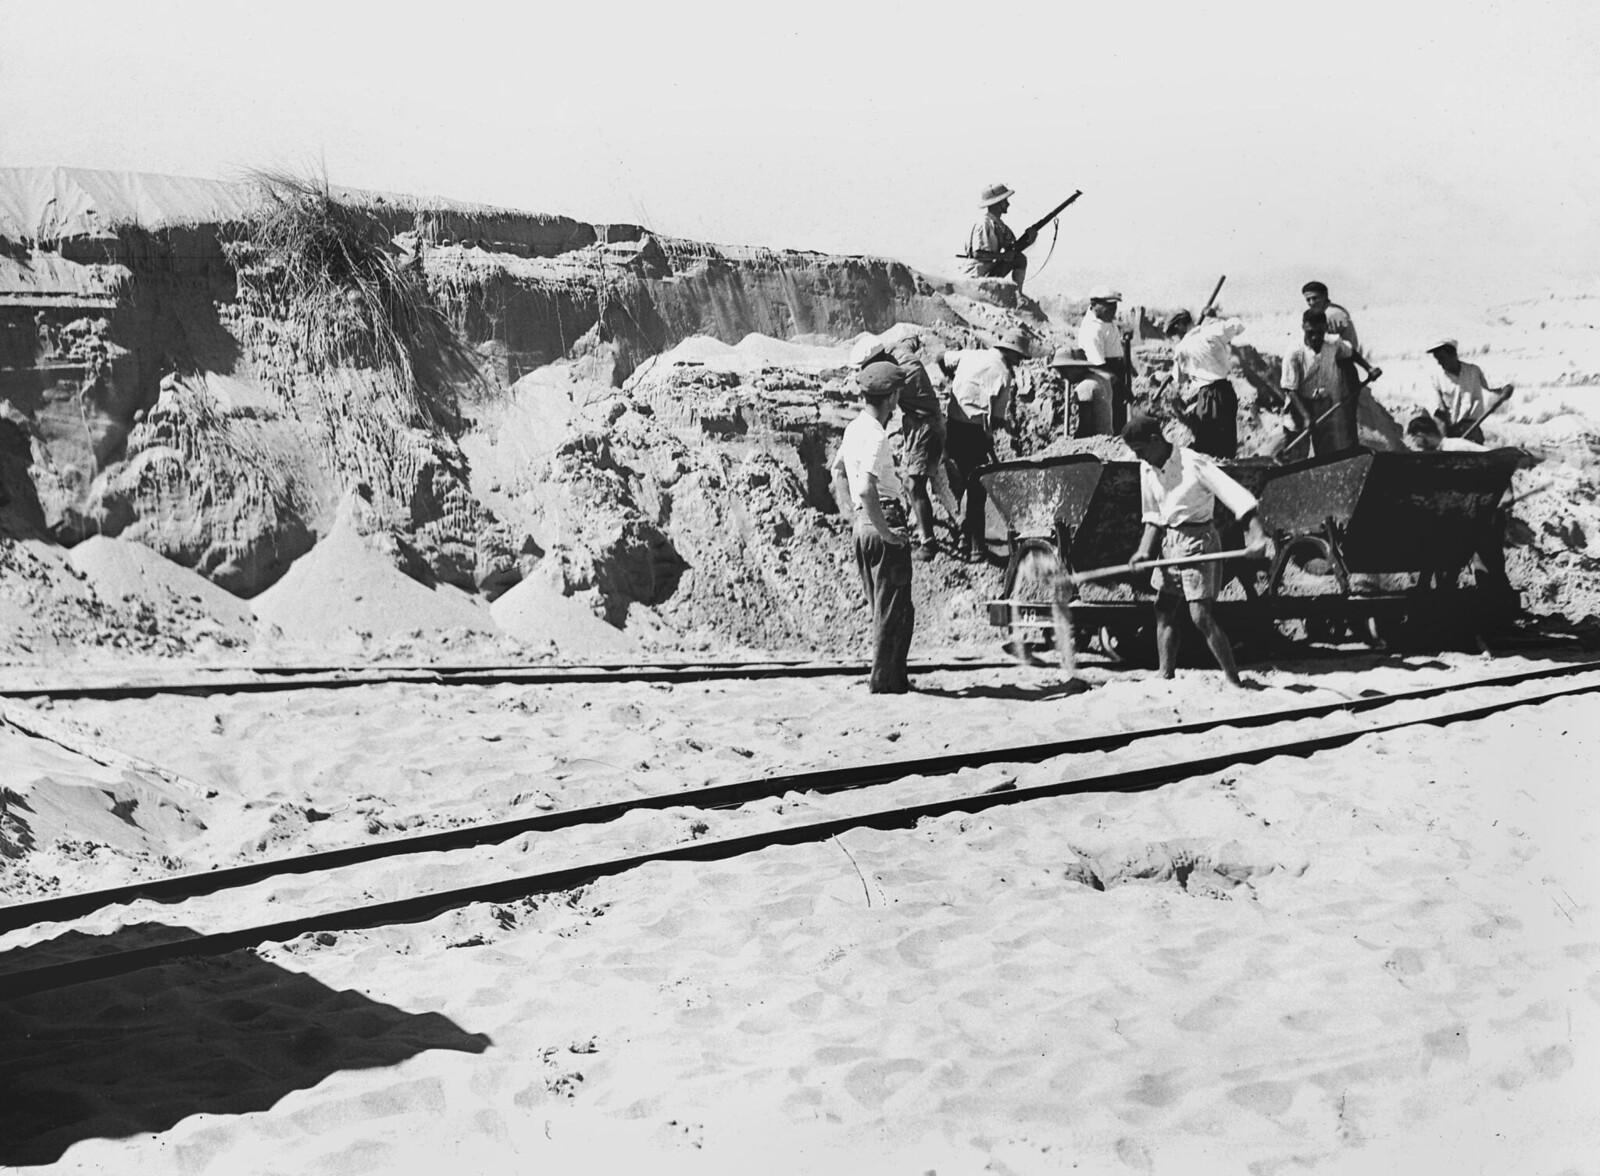 19. 1938. Вооруженная охрана защищает рабочих-евреев, собирающих строительный материал для жилья в новой общине Холон, недалеко от Тель-Авива. 6 октября